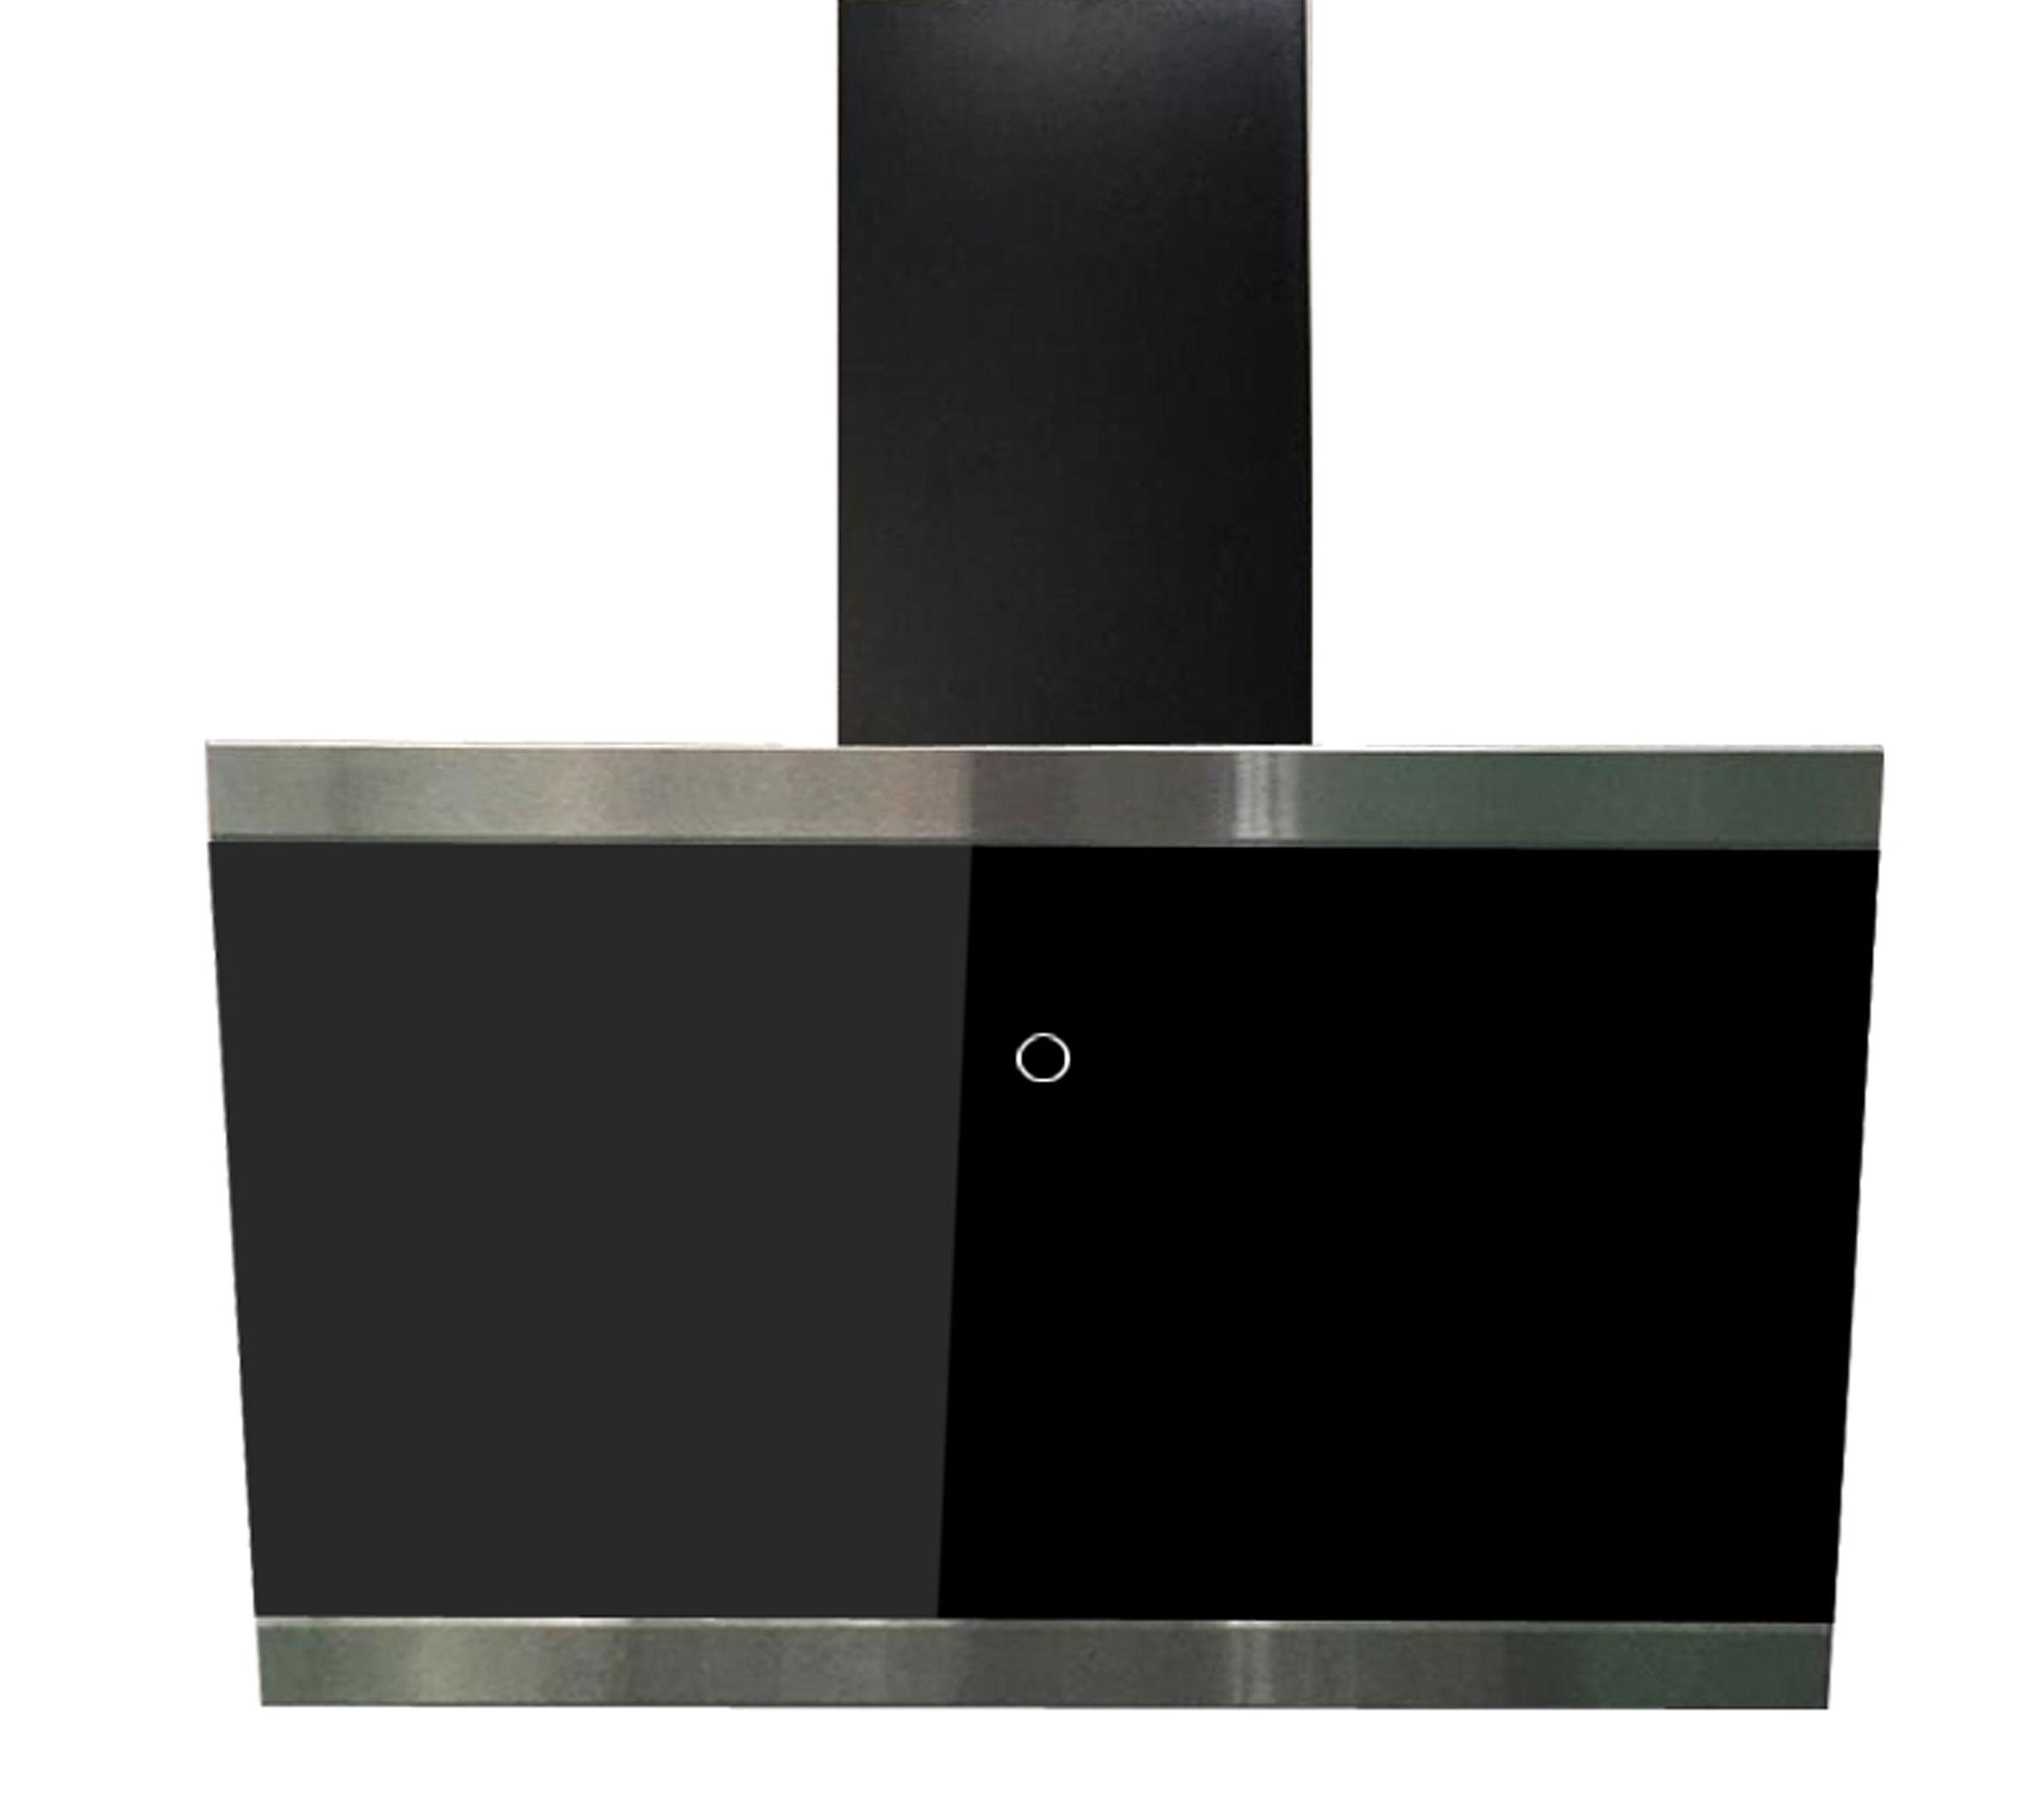 Dunstabzugshaube / Schräghaube Respekta CH 88060 SA+ 60cm schwarz Bild 1